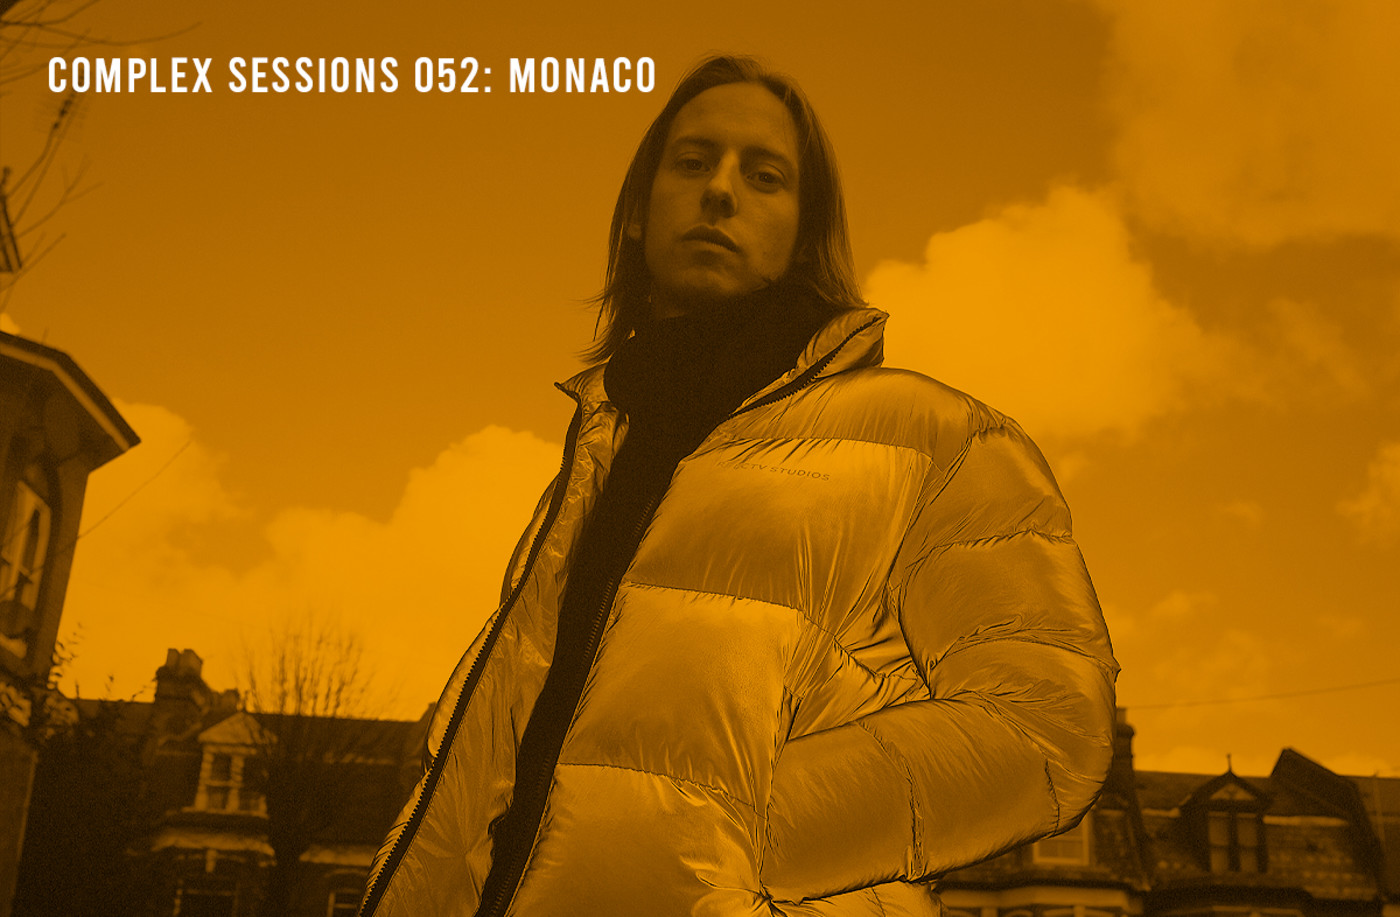 Complex Sessions 052: Monaco